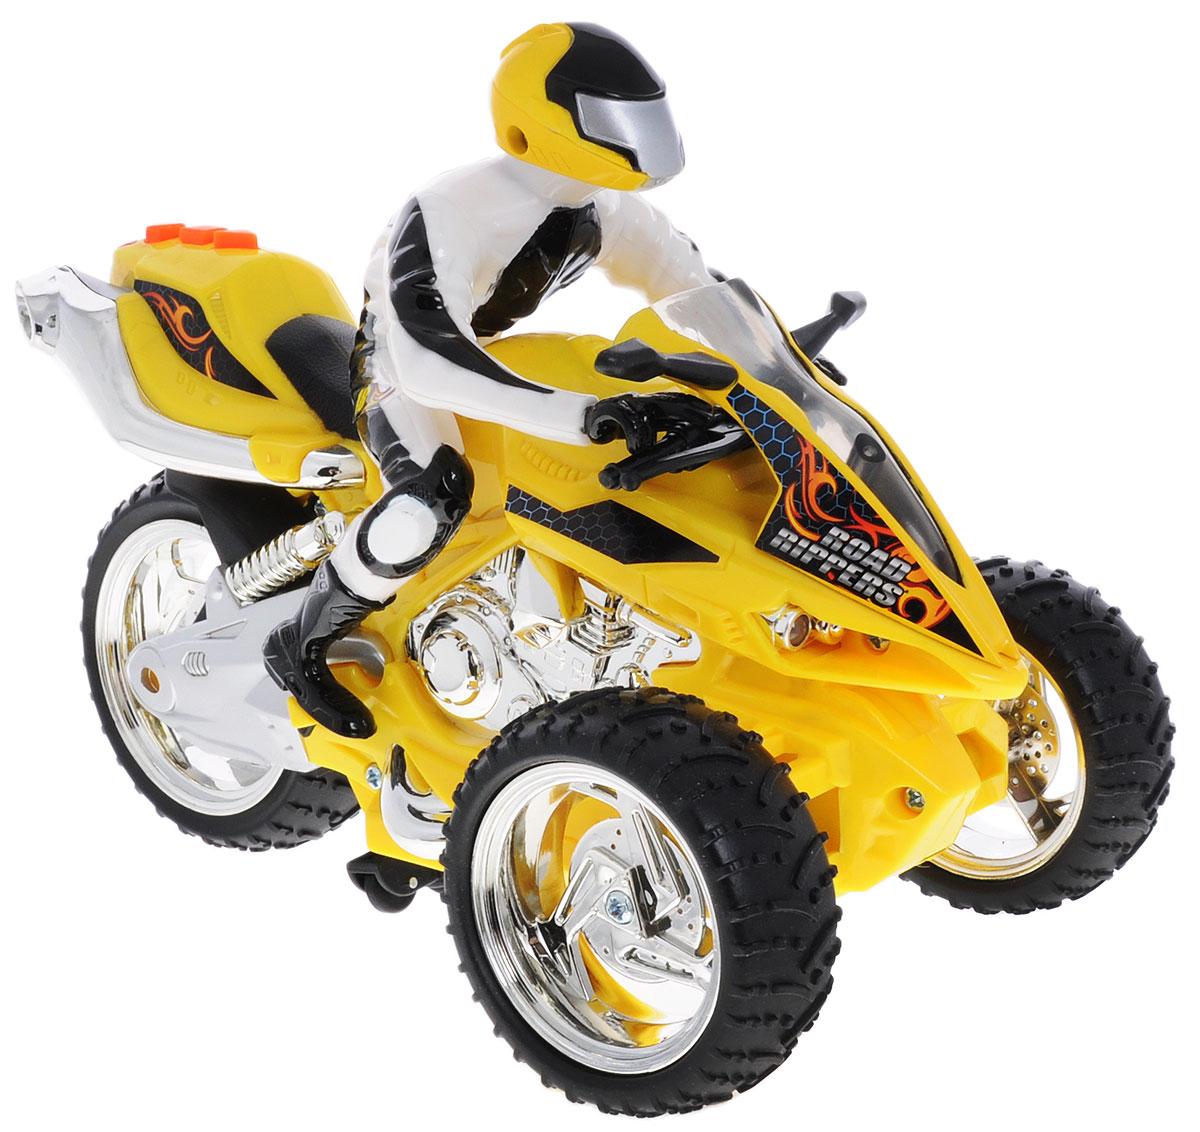 Toystate Трицикл на радиоуправлении Road Rippers37025TS_желтыйТрицикл Toystate непременно понравится любому маленькому гонщику. Игрушка выполнена из прочного безопасного пластика с элементами металла. Радиоуправляемый трицикл со световыми и звуковыми эффектами. Трицикл может ехать как вперед и назад, так вправо и влево. У него мигают фары, и звучит мотор. Ваш ребенок почувствует себя настоящим маленьким гонщиком! При нажатии на кнопу, расположенную на сиденье, воспроизводятся различные звуки, а также загораются фары. Яркий, реалистичный, выполненный с вниманием к деталям, станет отличным дополнением к автопарку вашего малыша! Ваш ребенок часами будет играть с такой игрушкой, придумывая различные истории и устраивая соревнования. Порадуйте его таким замечательным подарком! Для работы трицикла рекомендуется докупить 4 батарейки ААА, для работы пульта - 3 батарейки ААА (товар комплектуется демонстрационными).